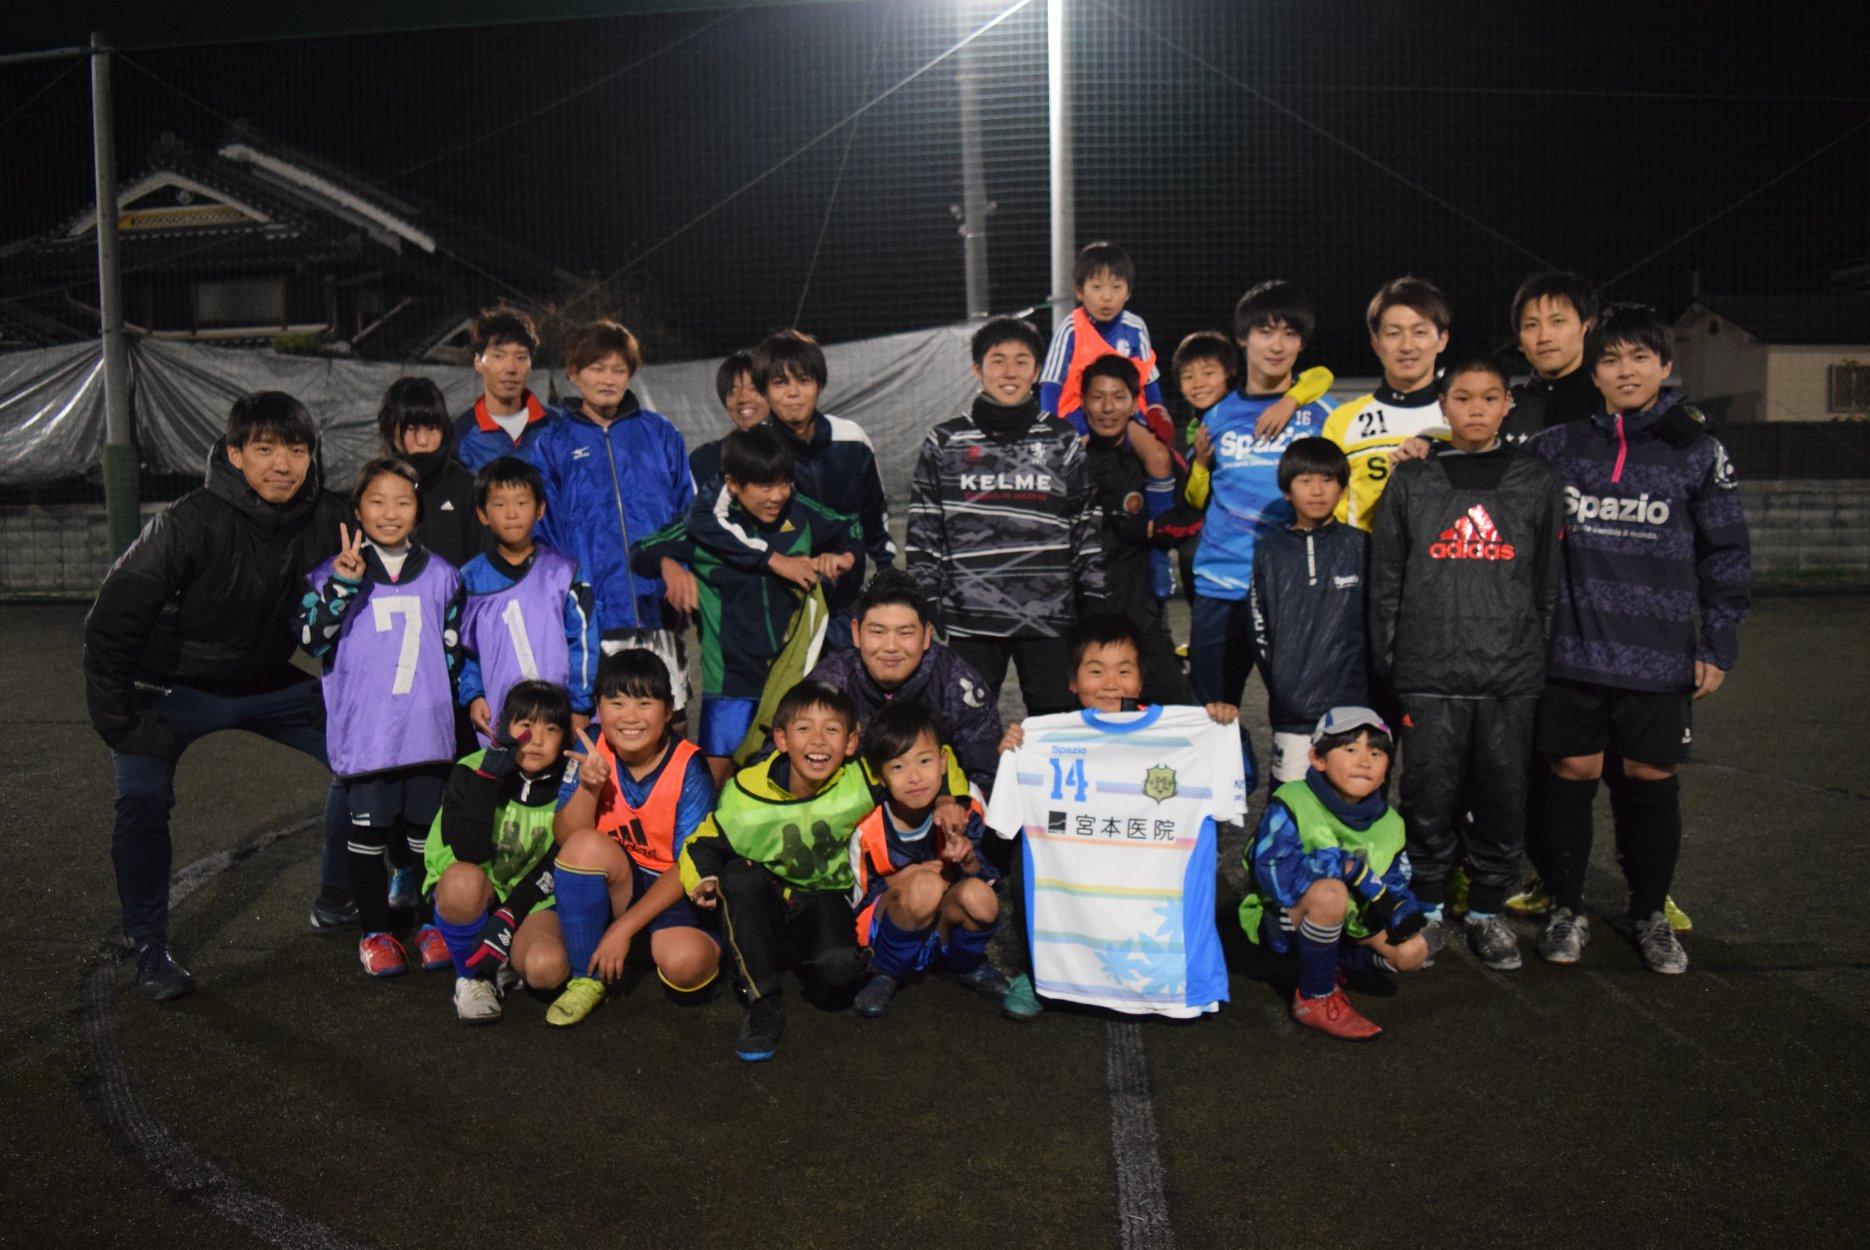 同時刻には日本代表の試合もやっていたので、クラブハウスでも盛り上がり、コートでも盛り上がりでした!